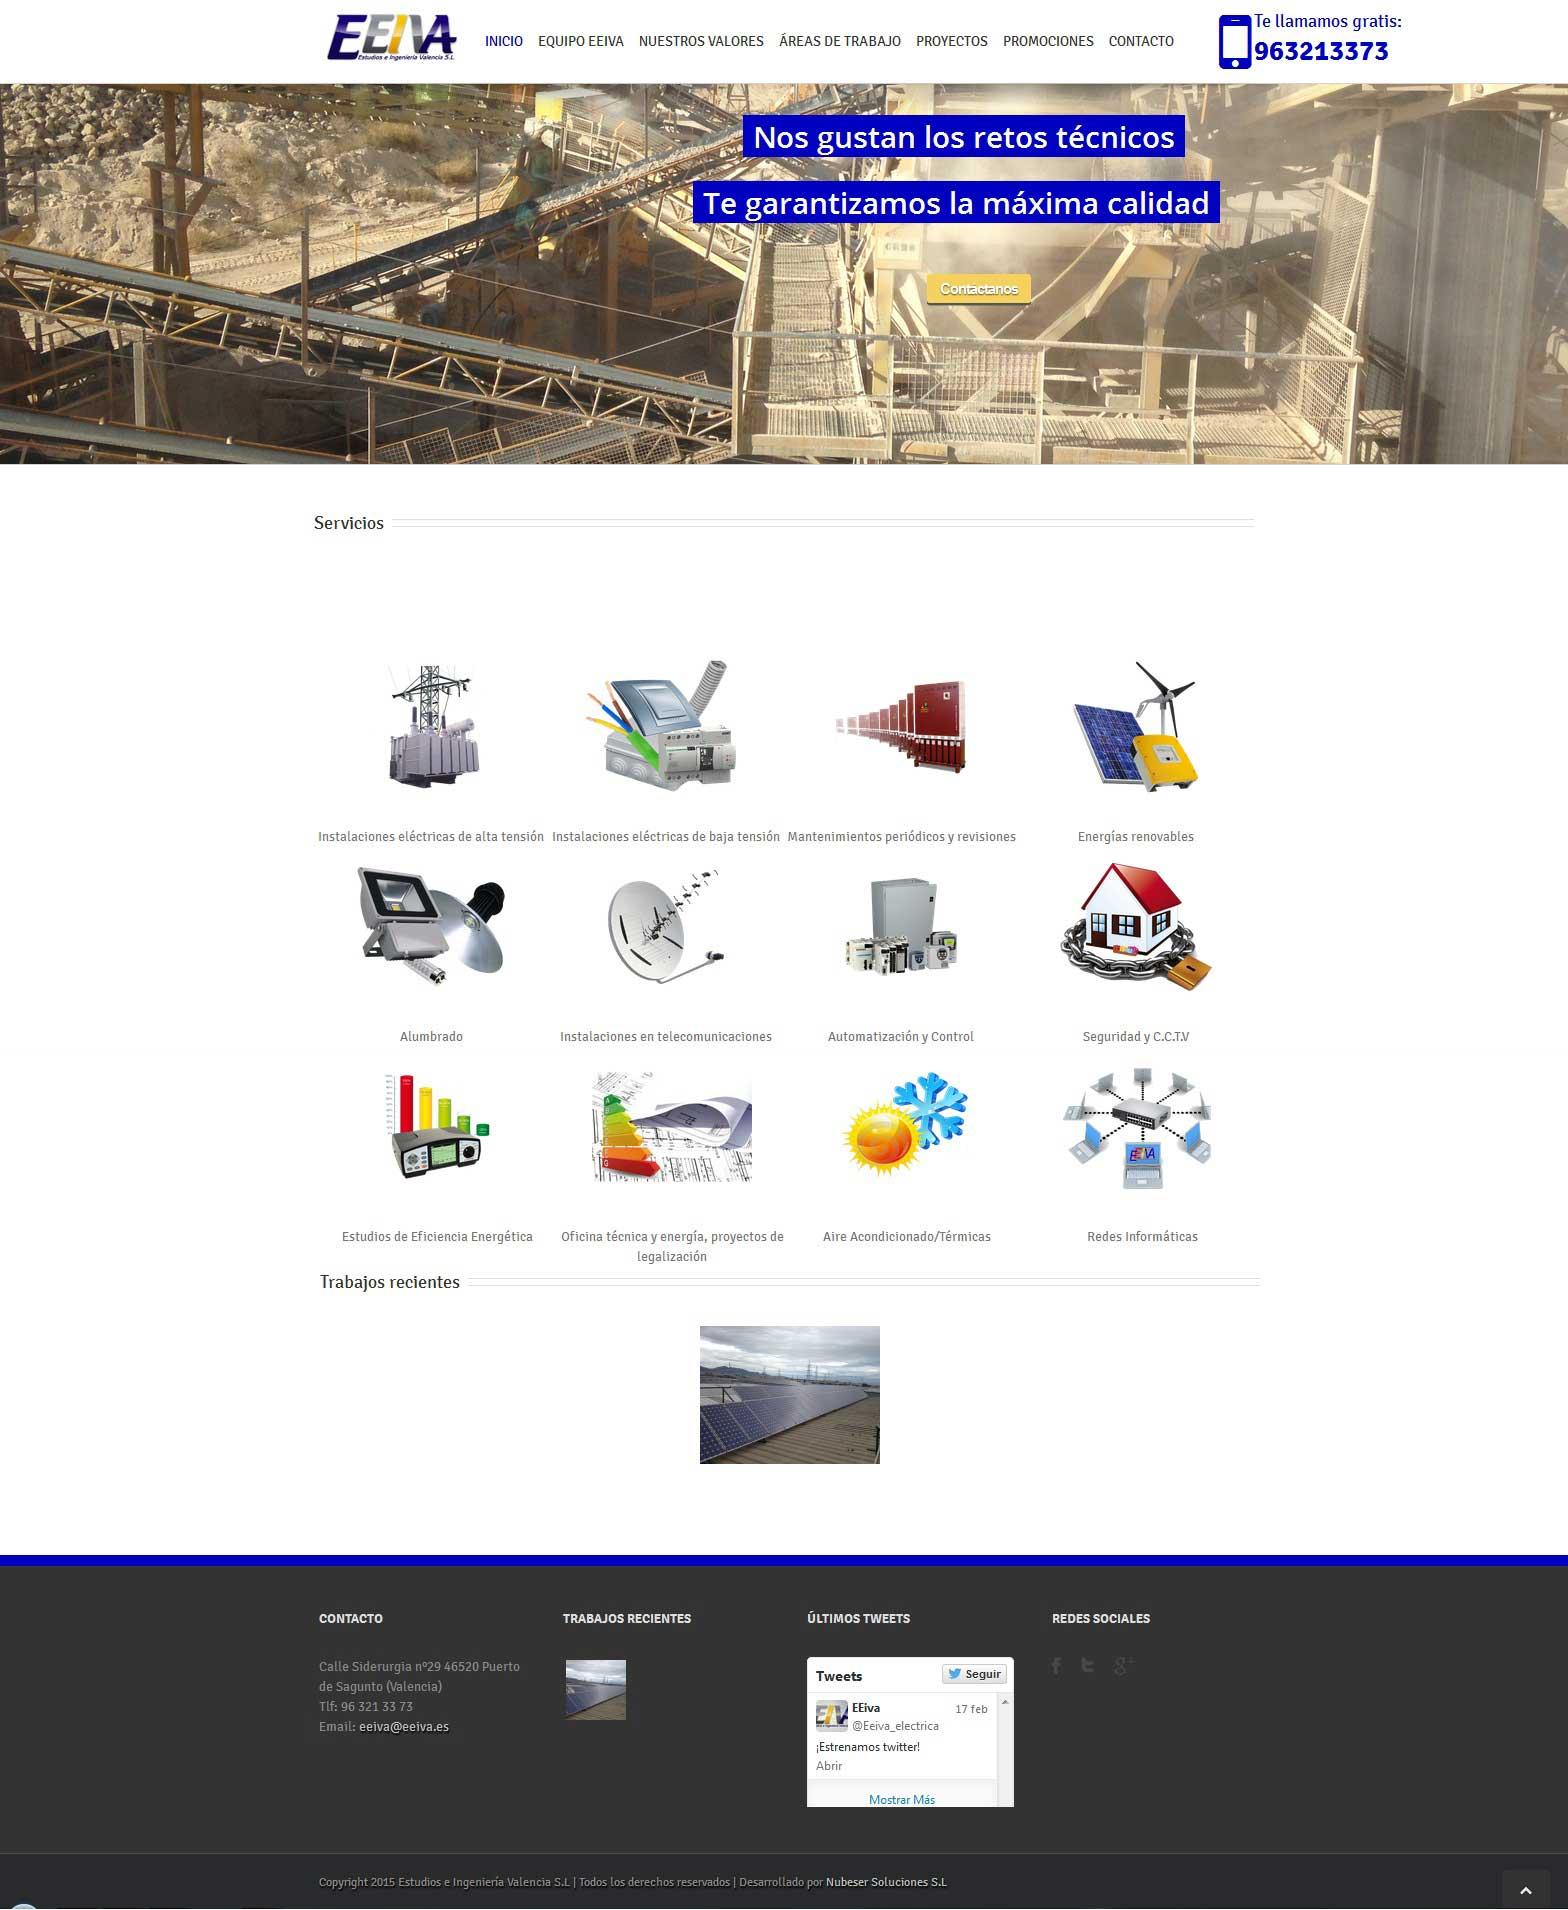 Diseño web responsive&&en_ciudad&&